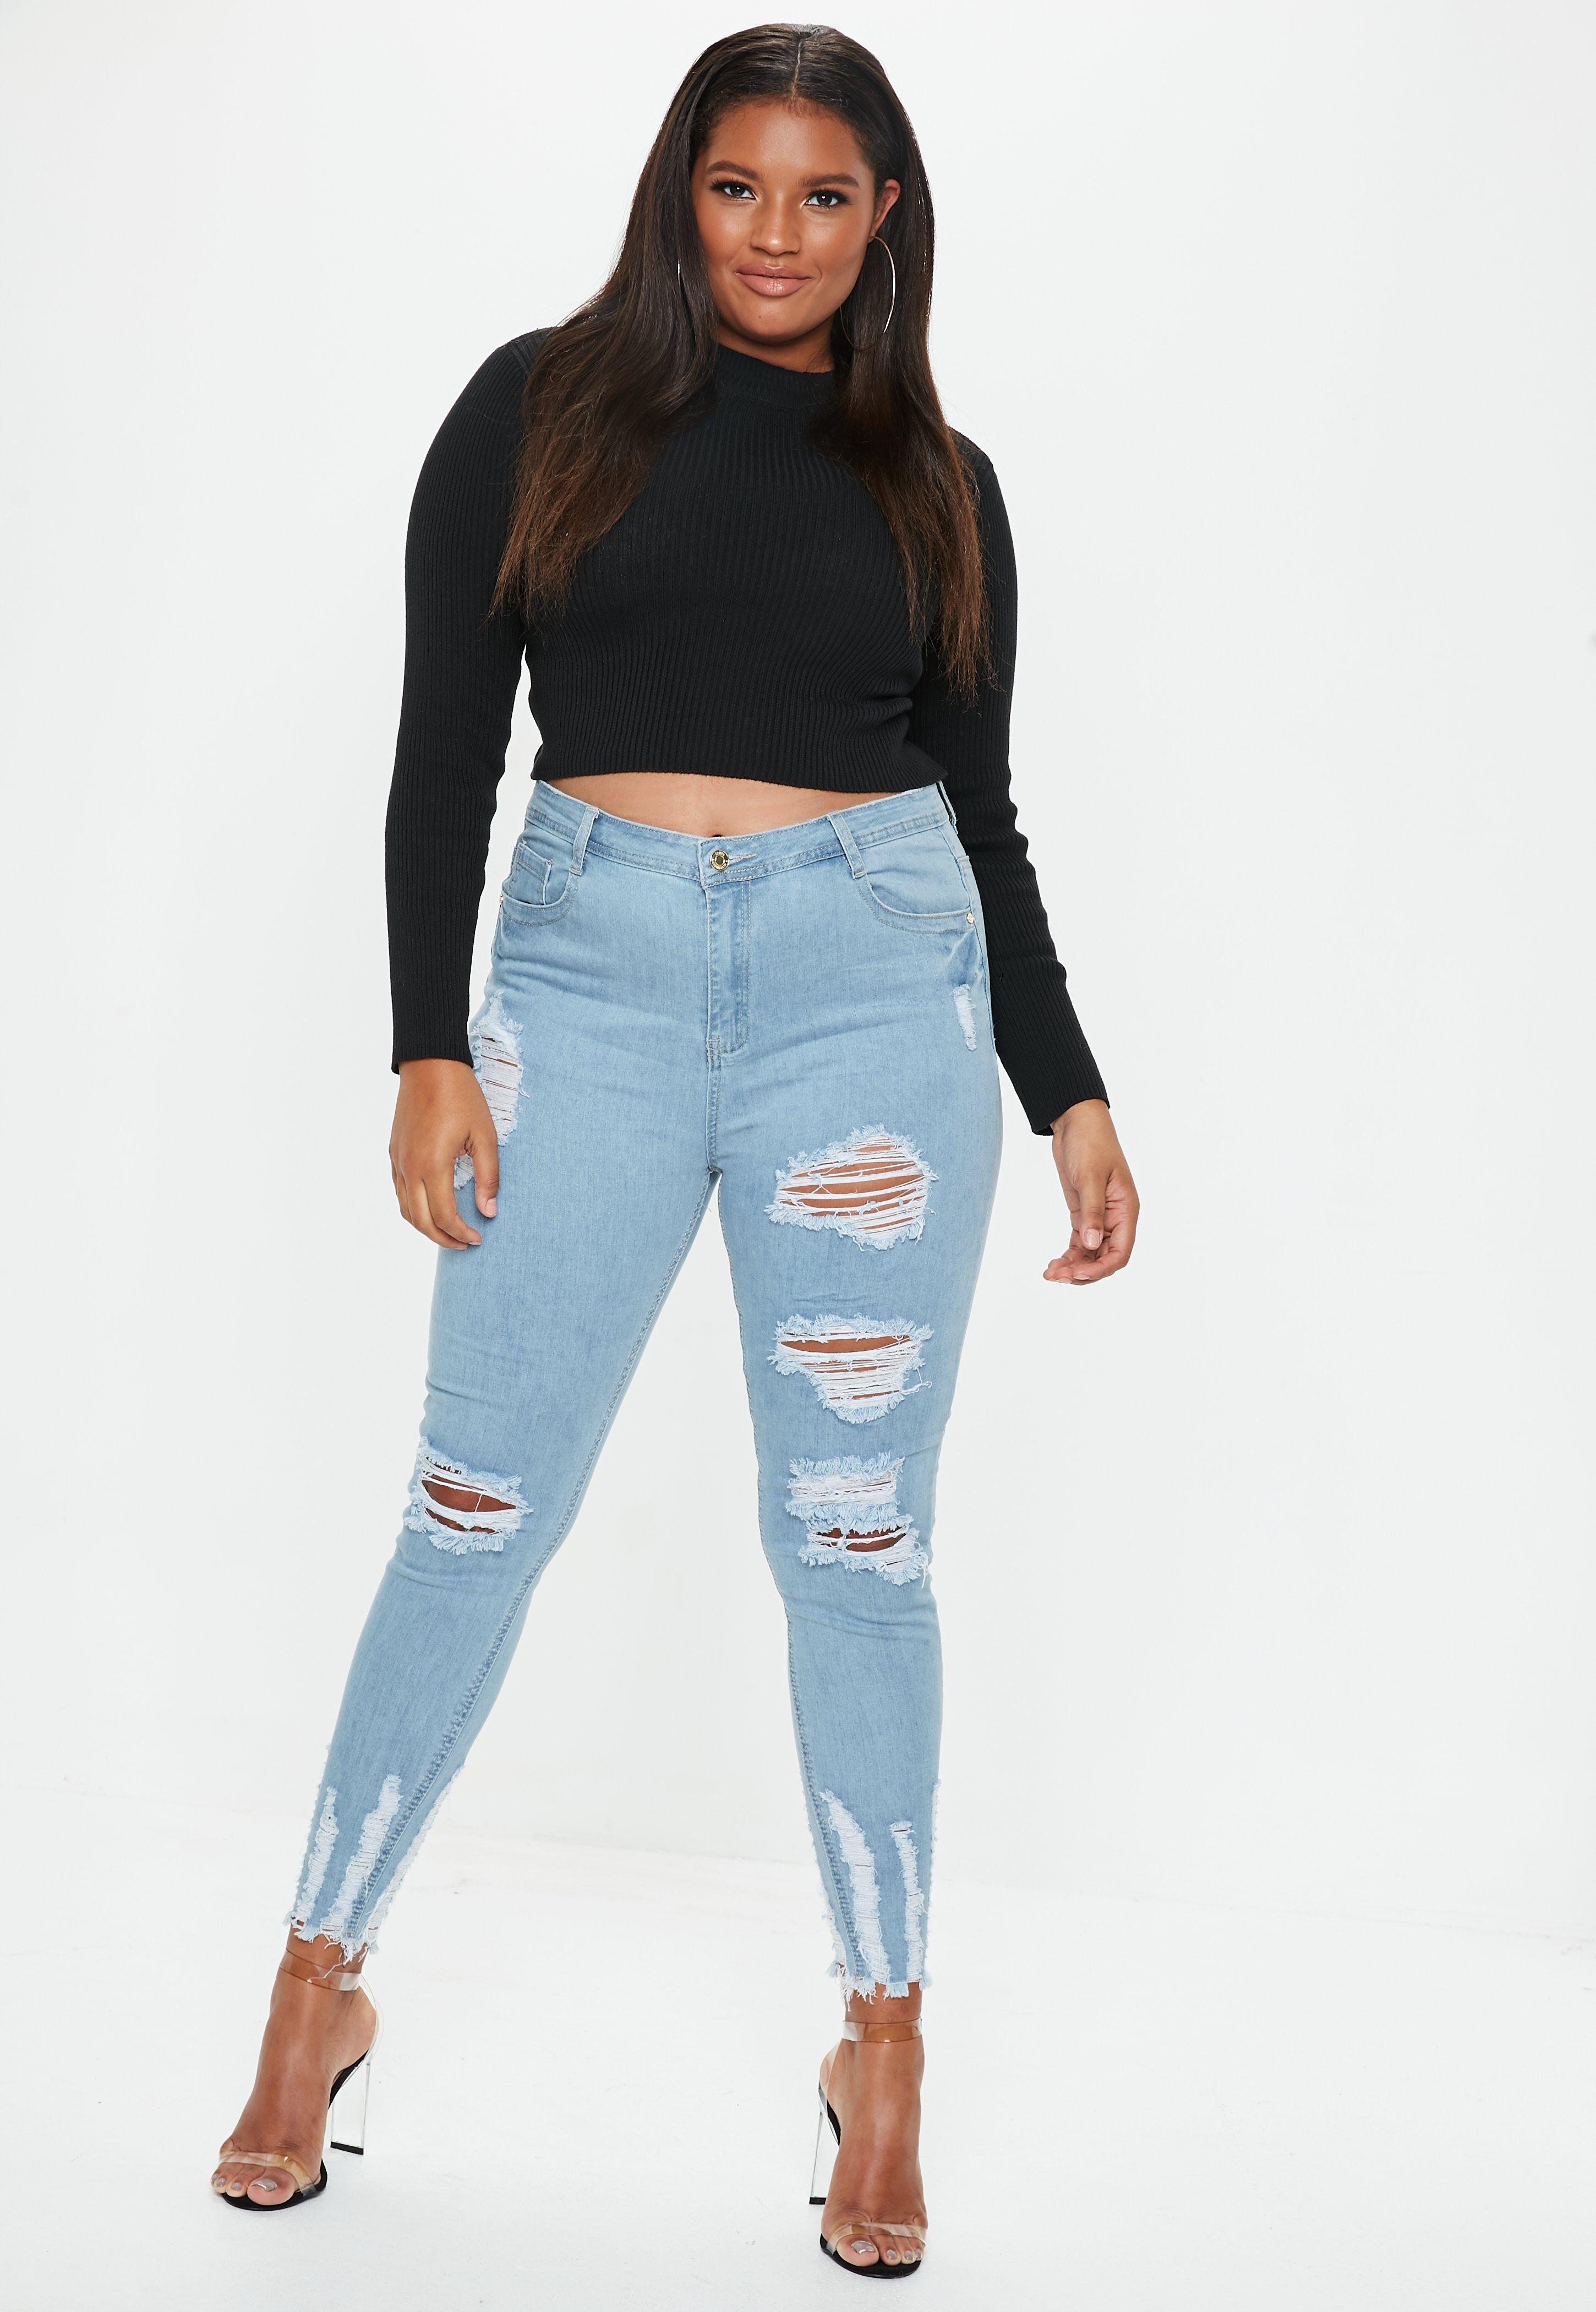 Hüfthohe Jeans   High-Waist Jeanshosen - Missguided 8e29a771f8